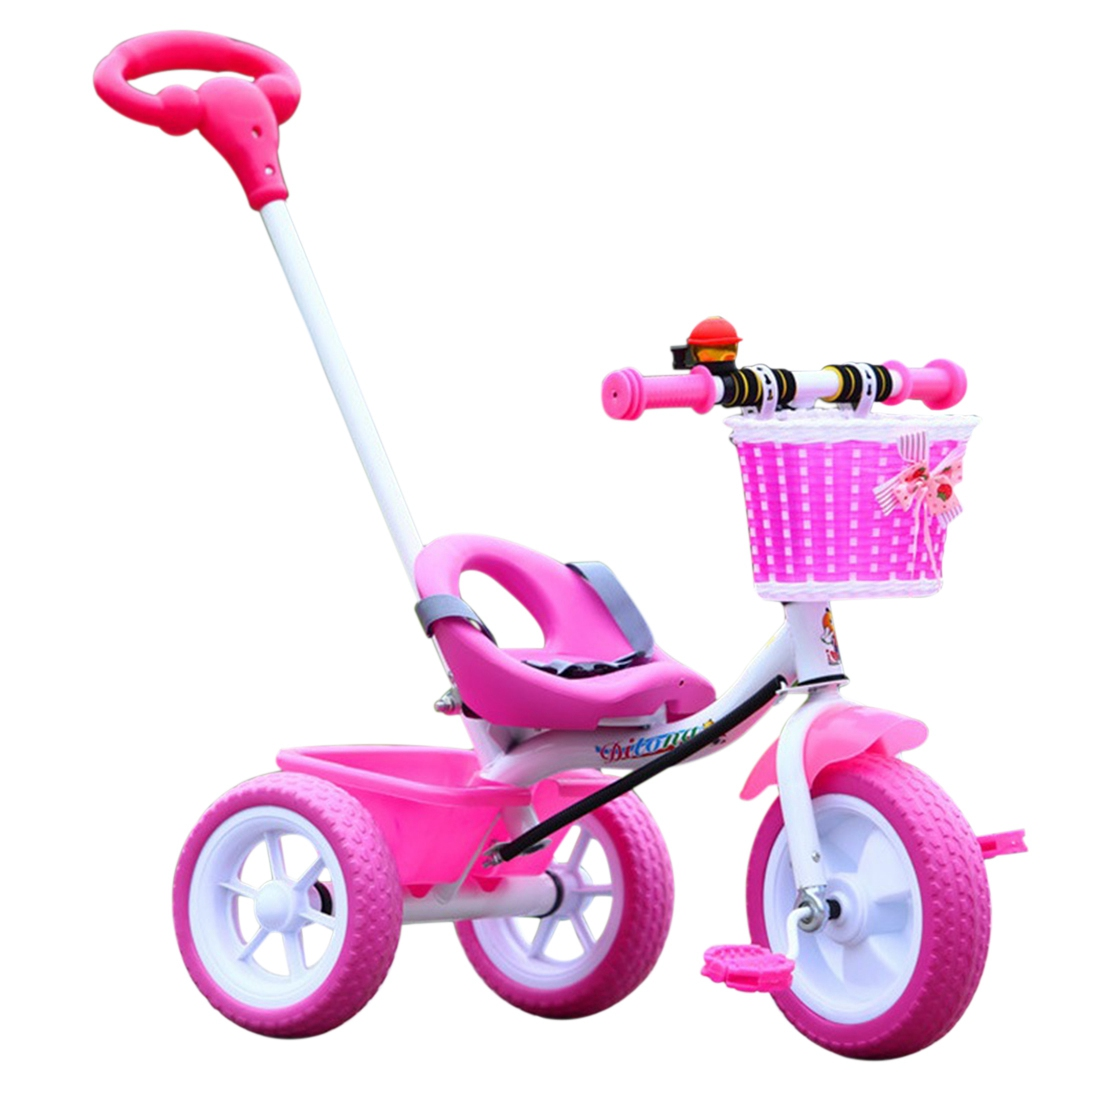 Baby Fahrrad Trike Infant Dreirad Sicherheit Kinderwagen Dreirad Infant Fahrrad Kinderwagen Durable...